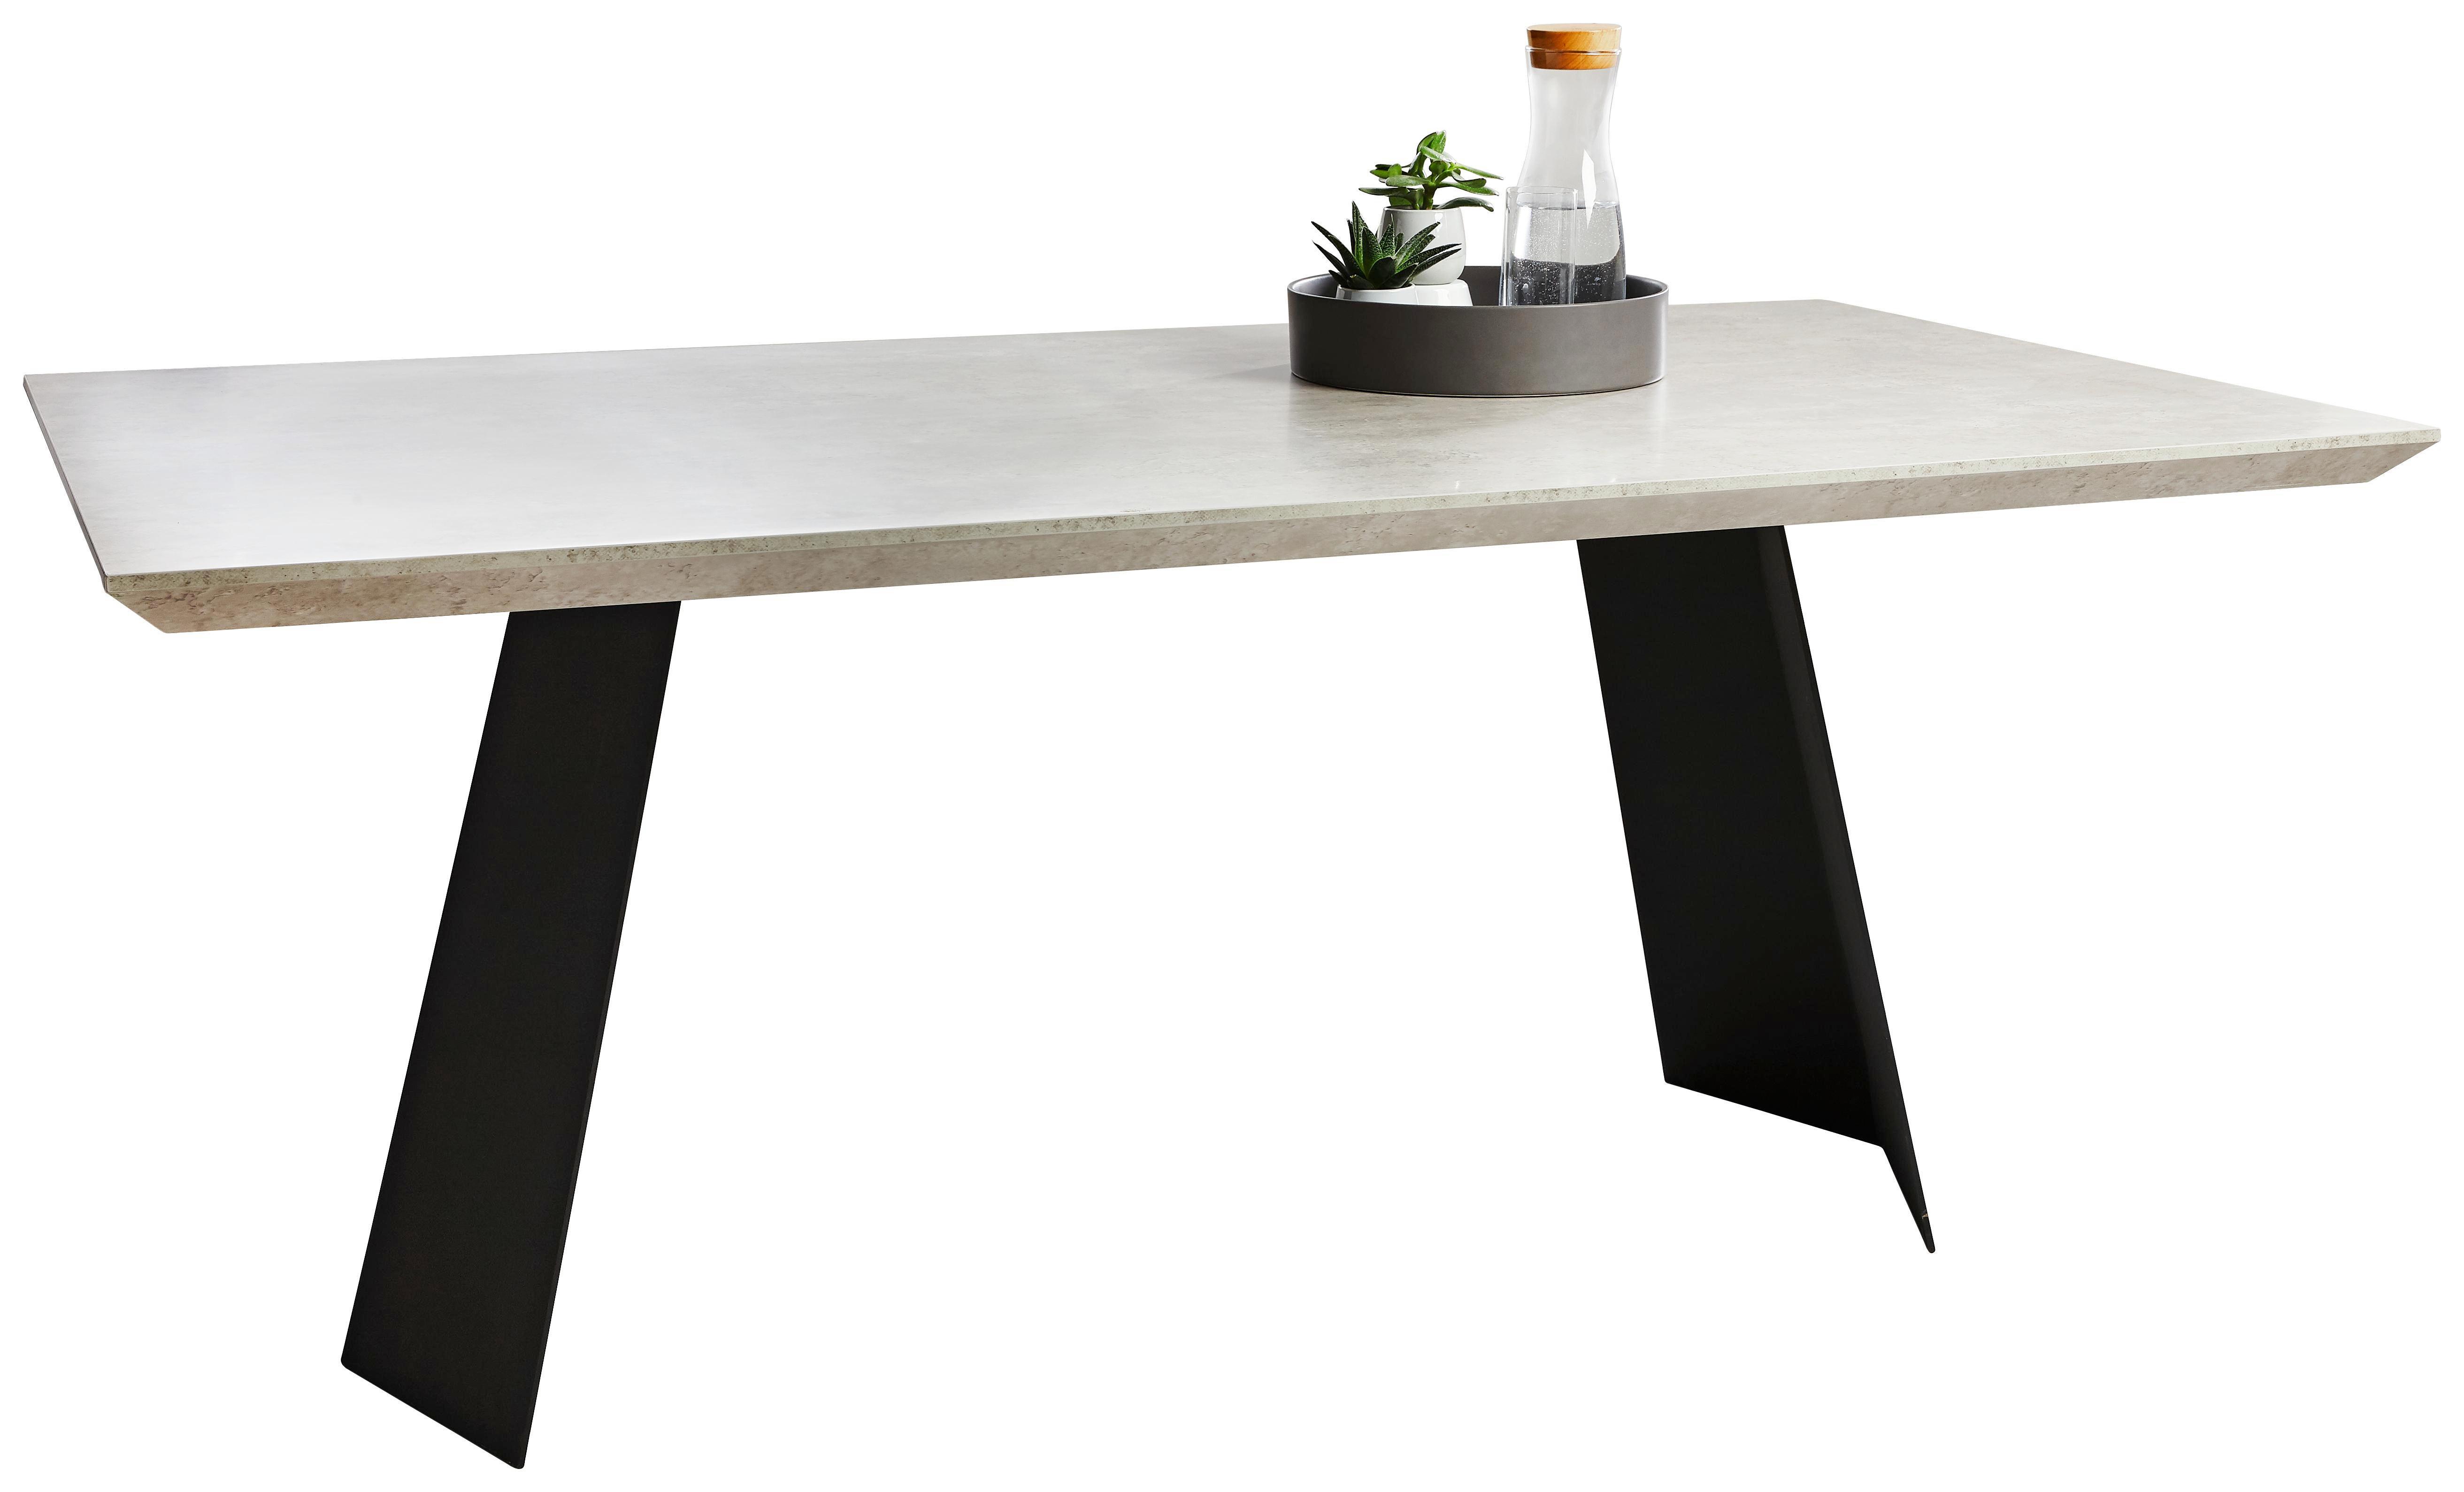 ESSTISCH rechteckig Grau, Schwarz - Schwarz/Grau, Design, Metall (180/76/100cm) - NOVEL